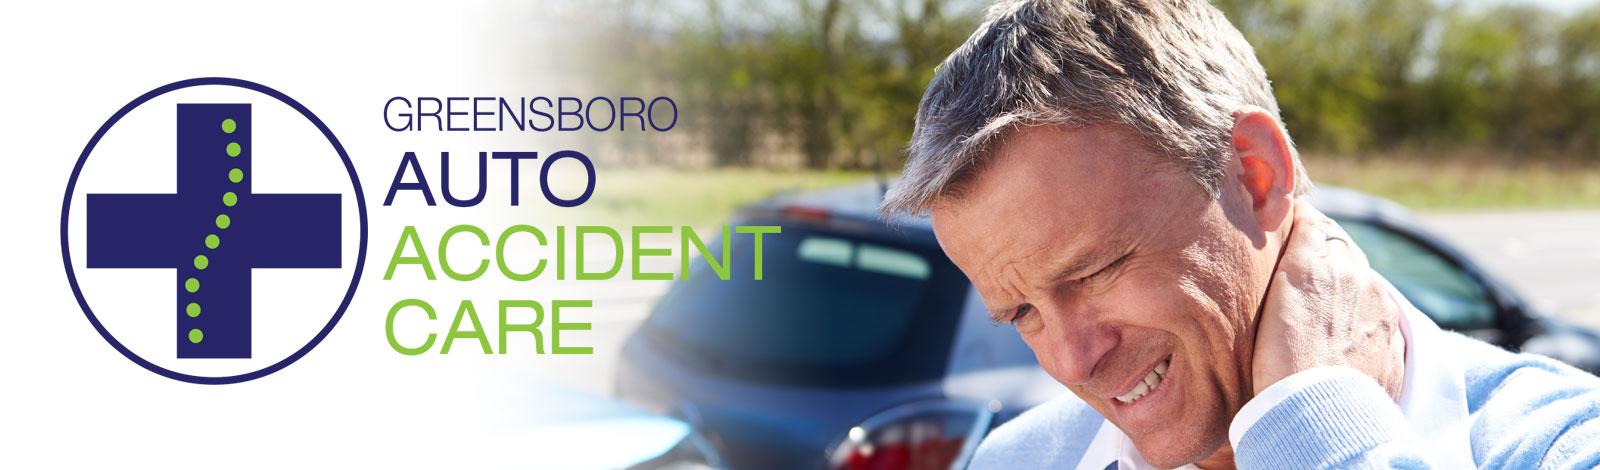 Greensboro Auto Accident Care